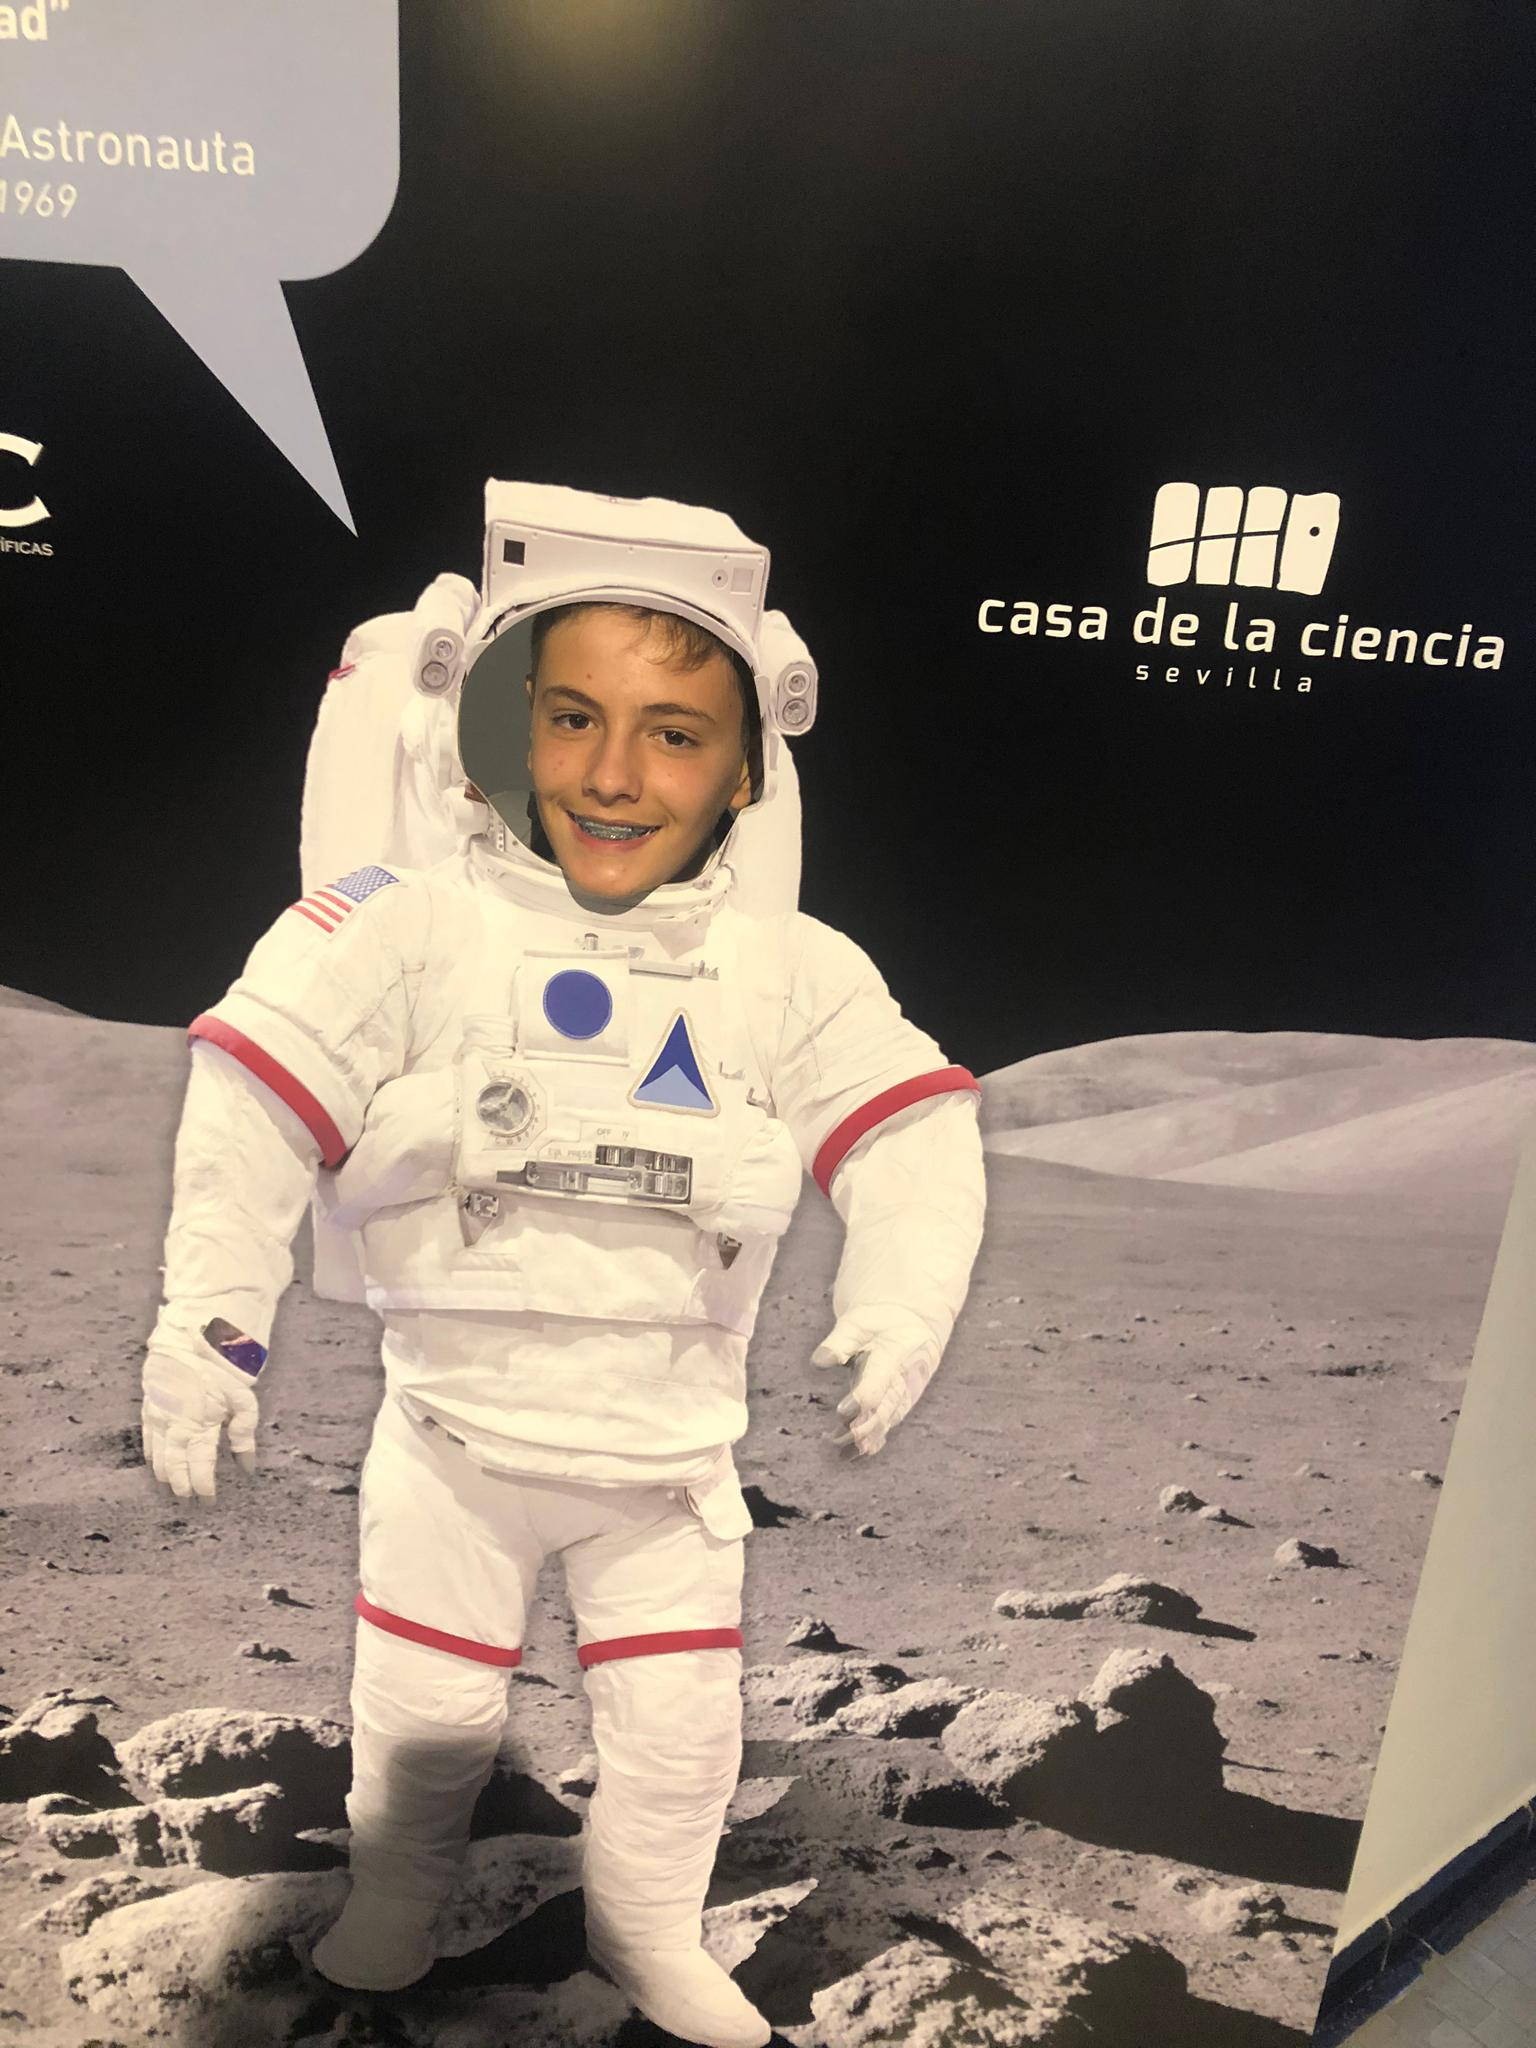 alumno-astronauta-ciencia